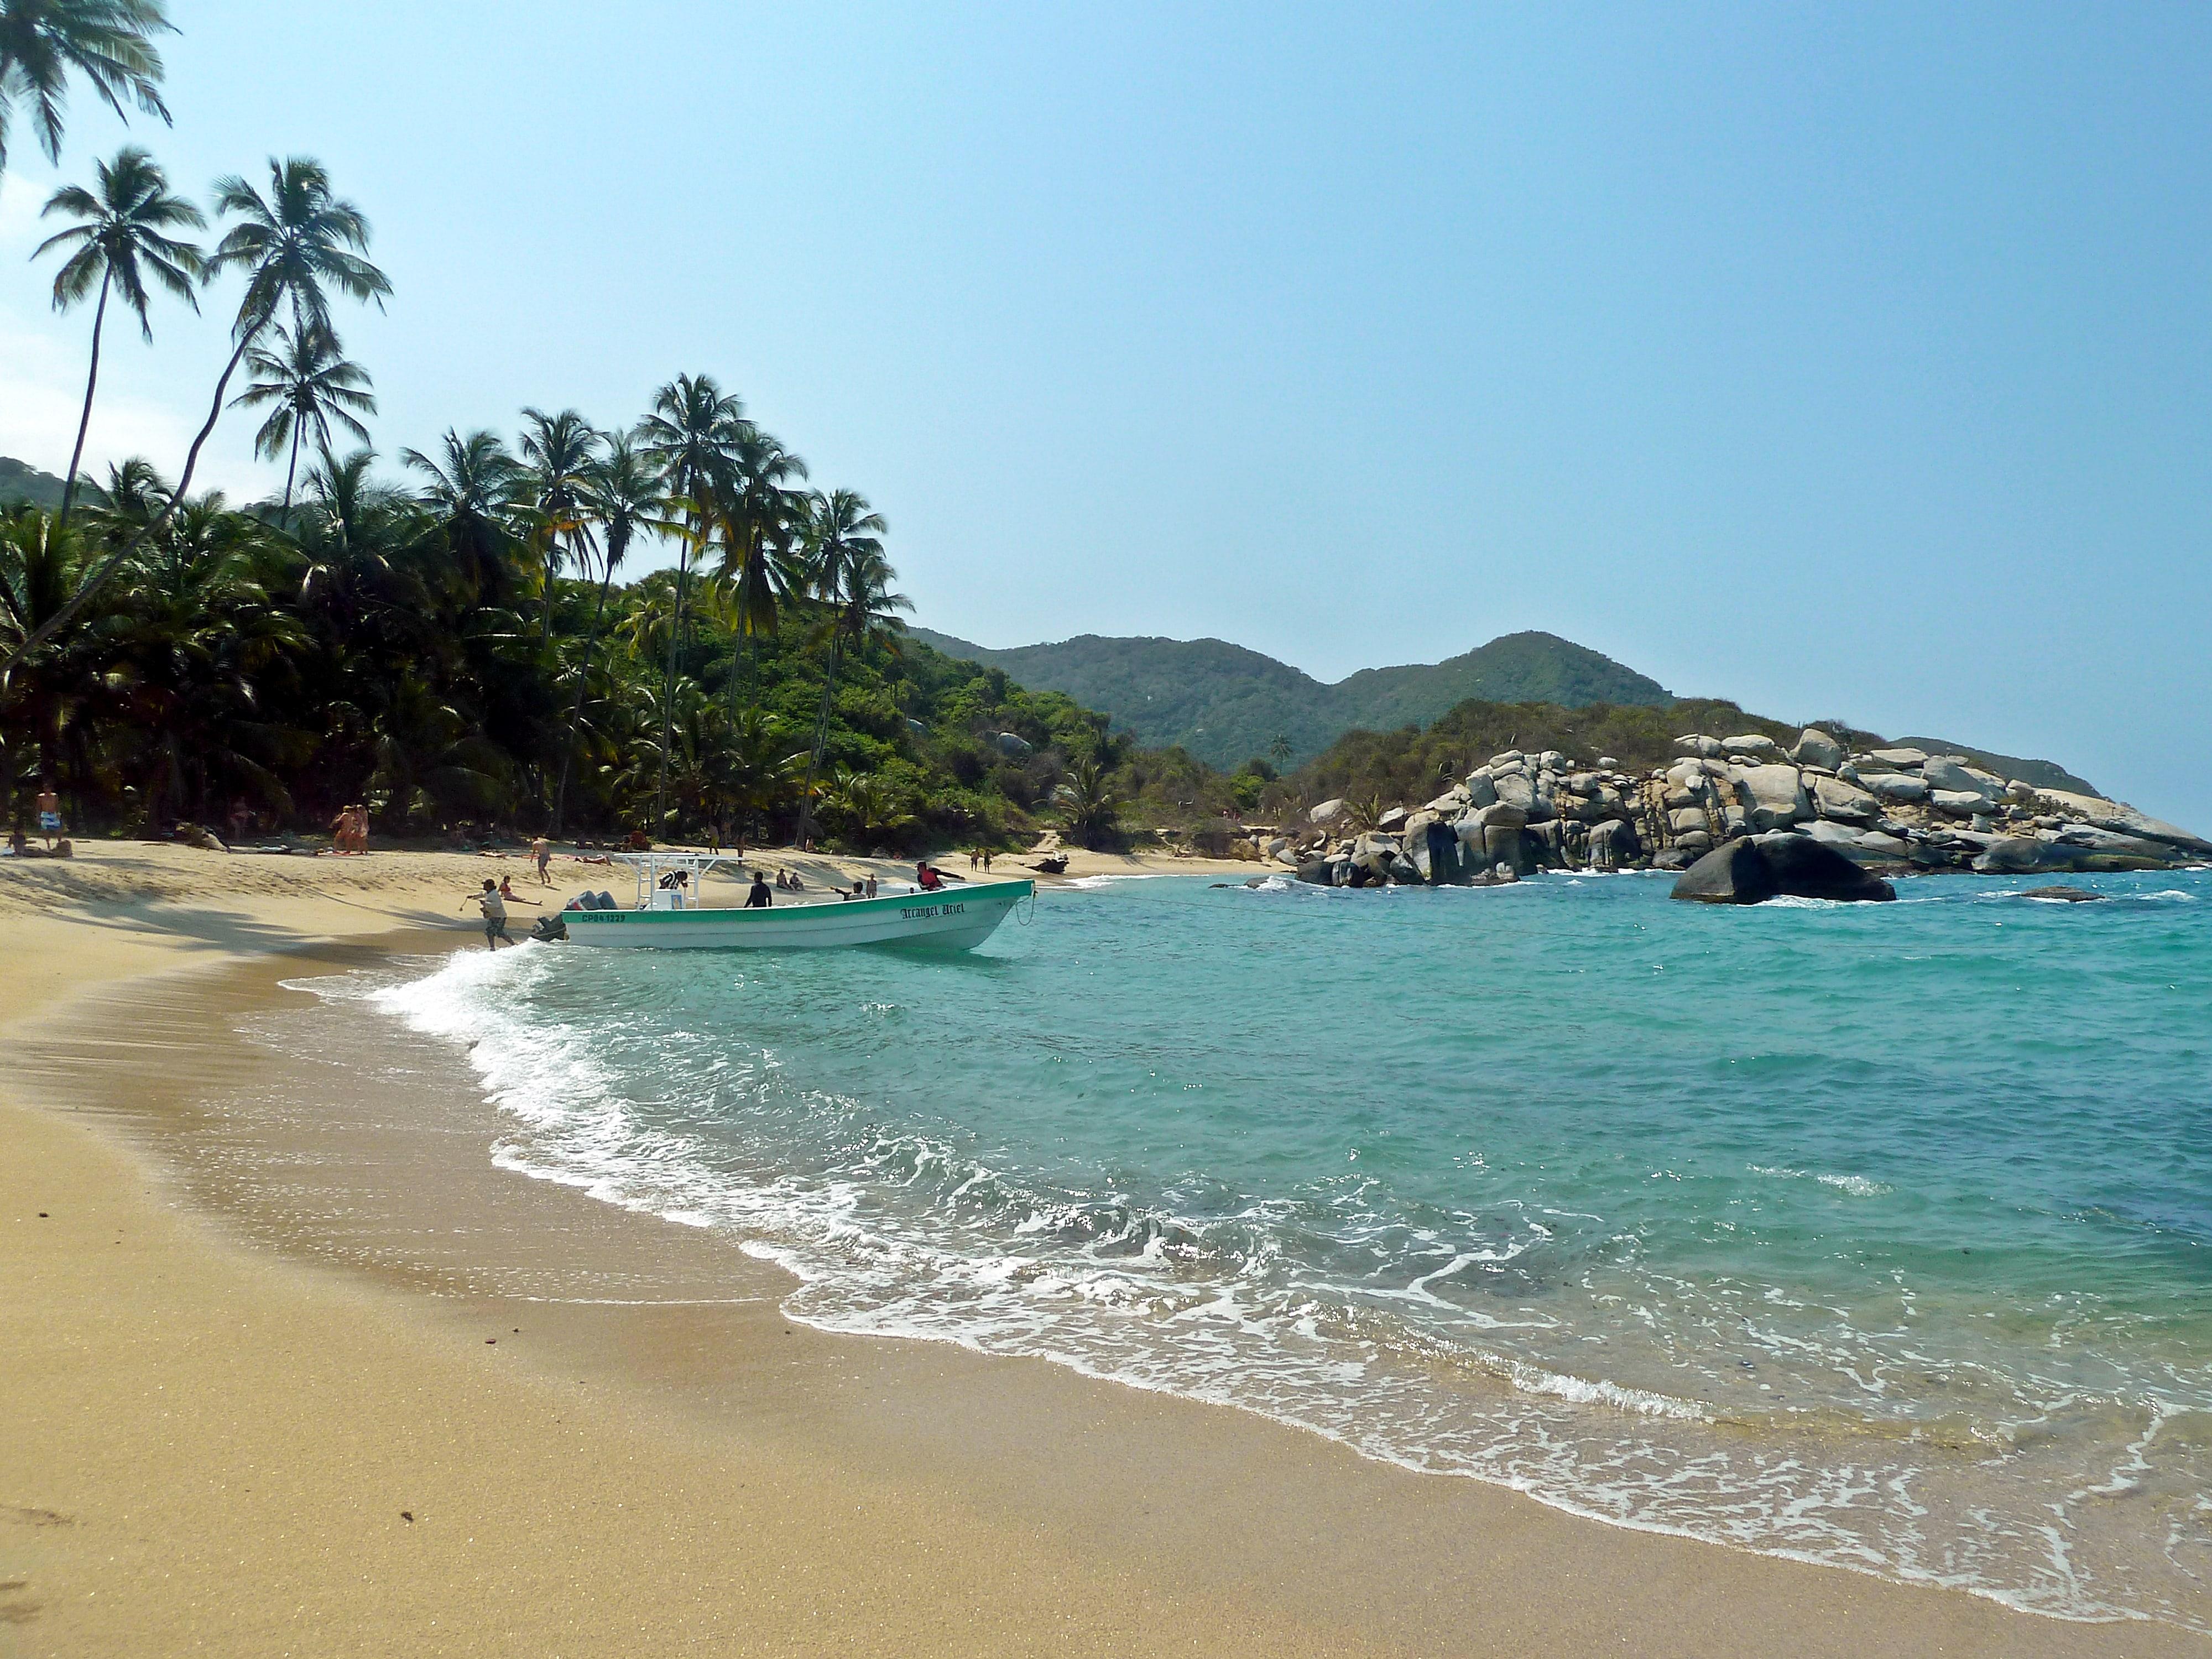 Beach in Cartagena